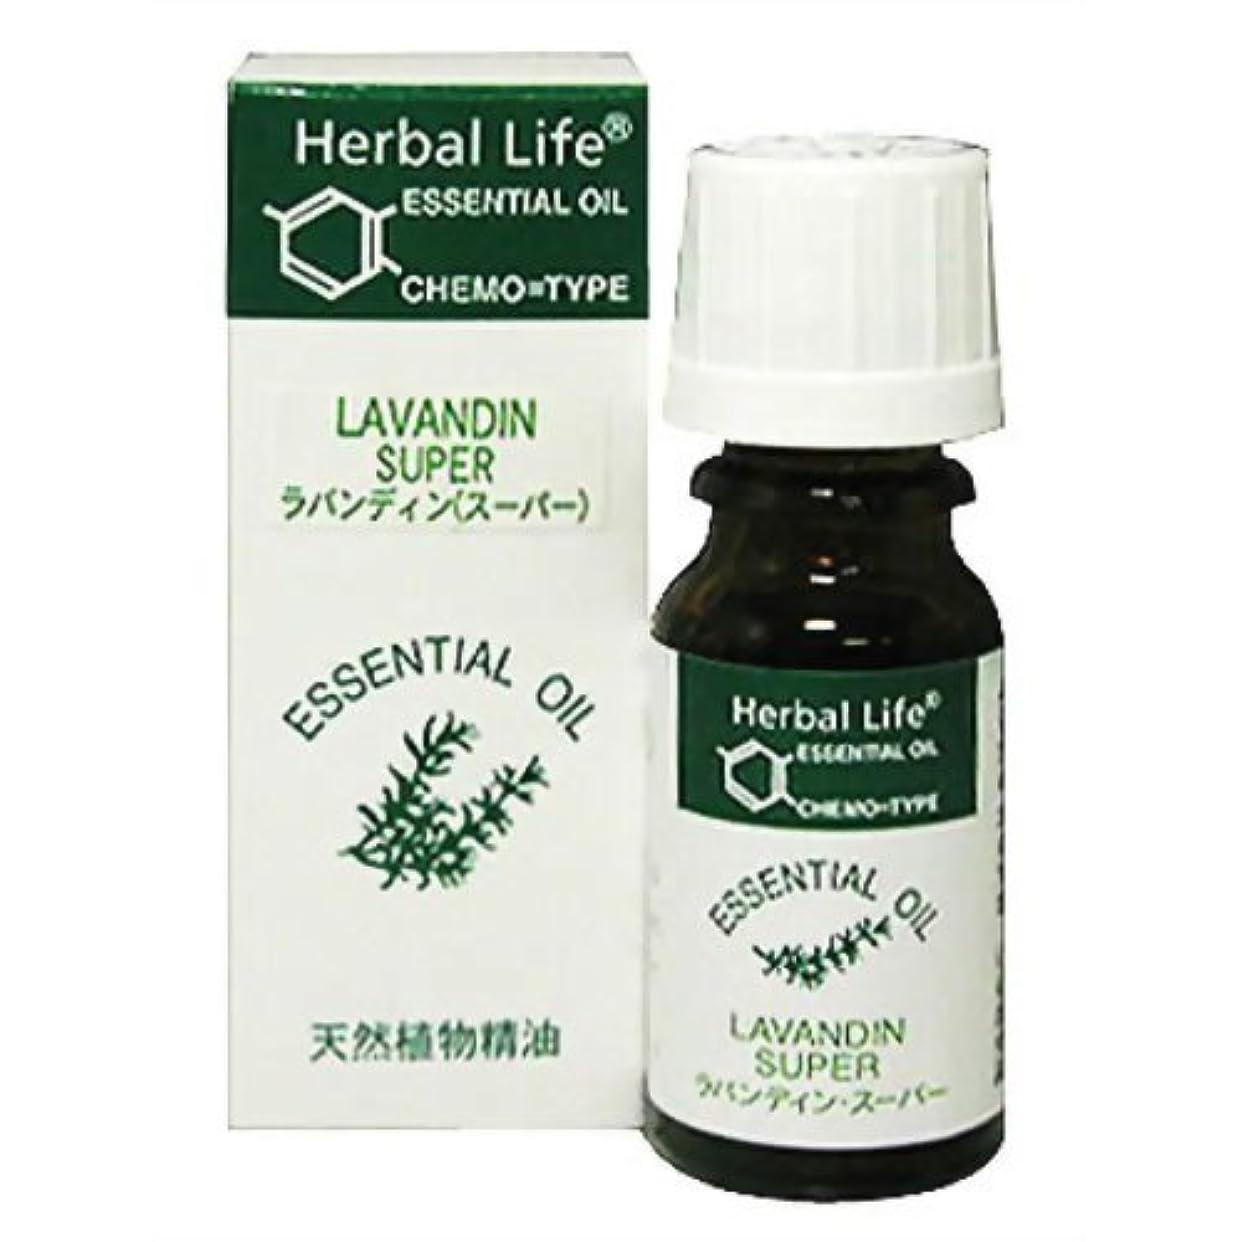 ブラストタフ階段Herbal Life ラバンディン?スーパー 10ml